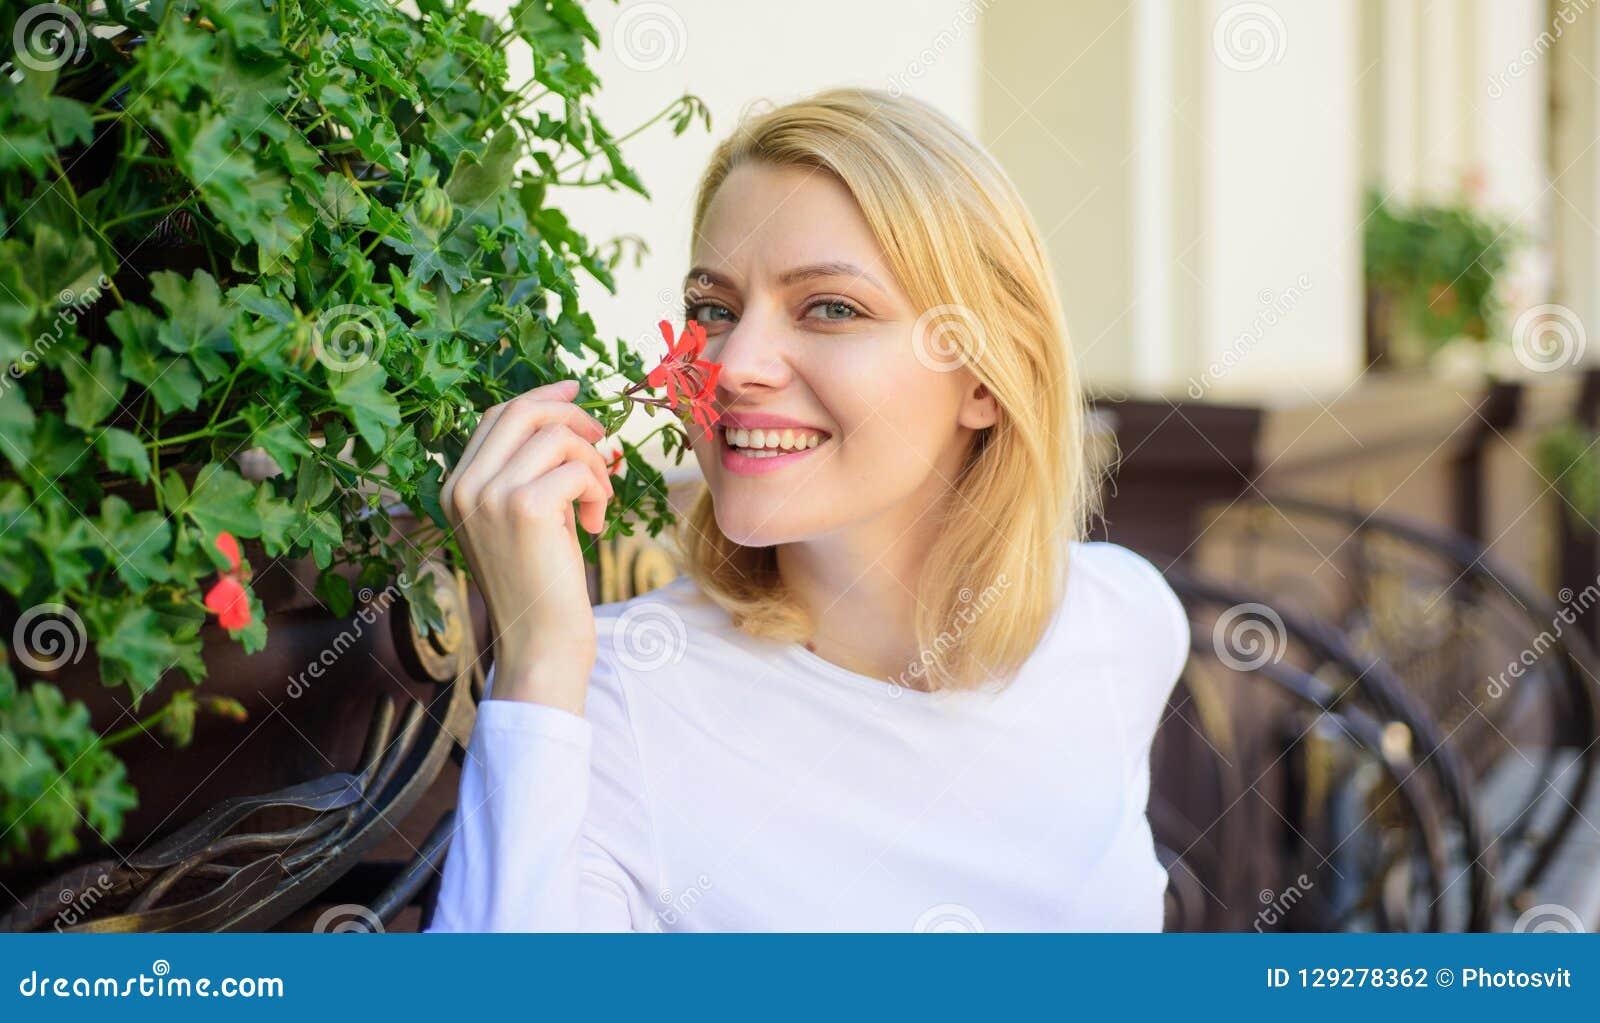 Il bello terrazzo attira i clienti Piante come decorazione naturale La ragazza si siede l aroma dei fiori di annusata del caffè L